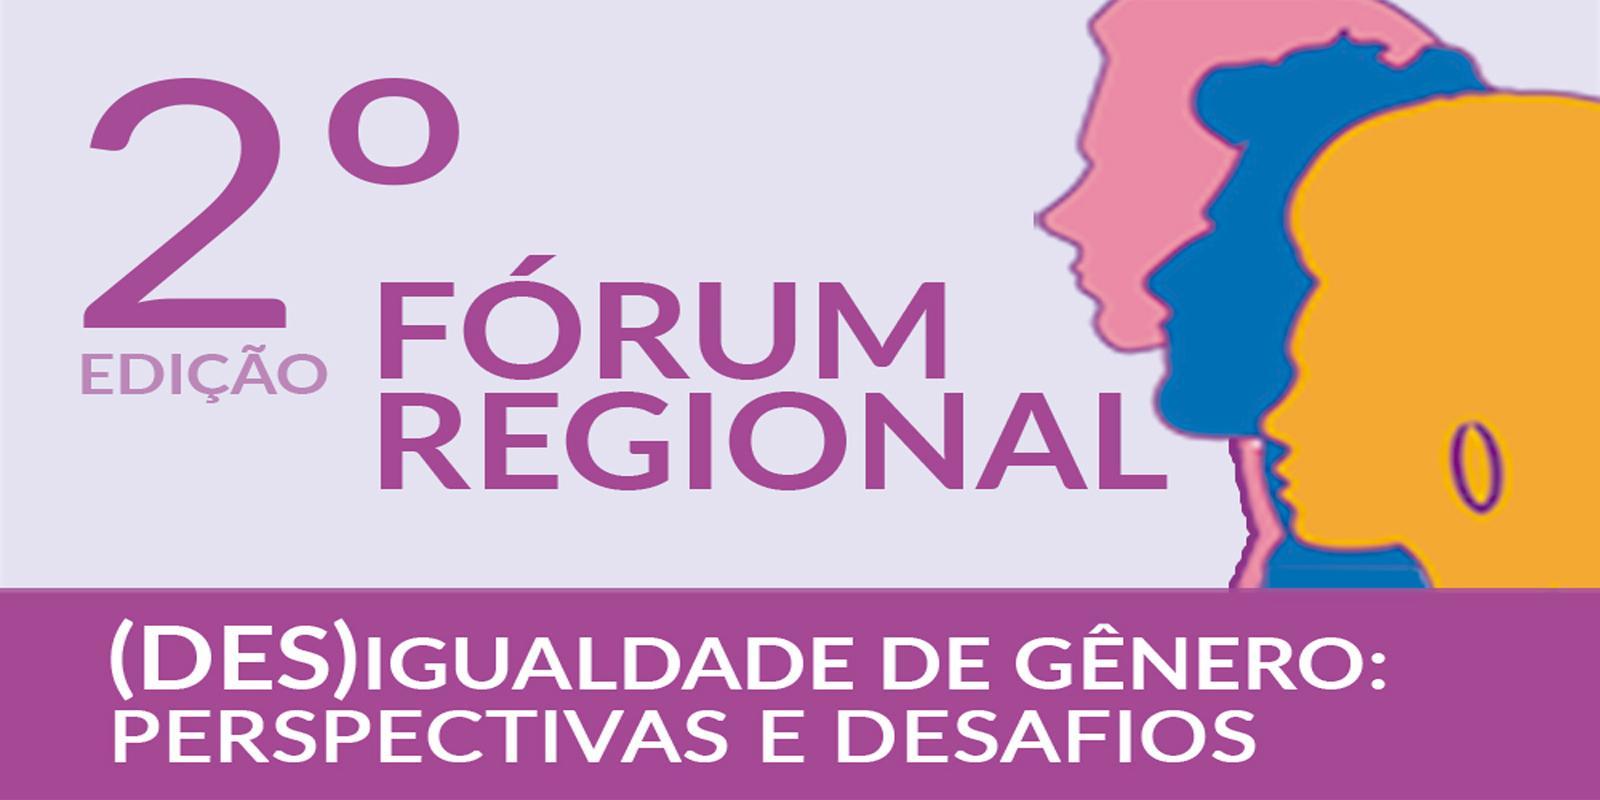 Perspectivas e desafios da igualdade de gênero são temas do 2º Fórum Regional